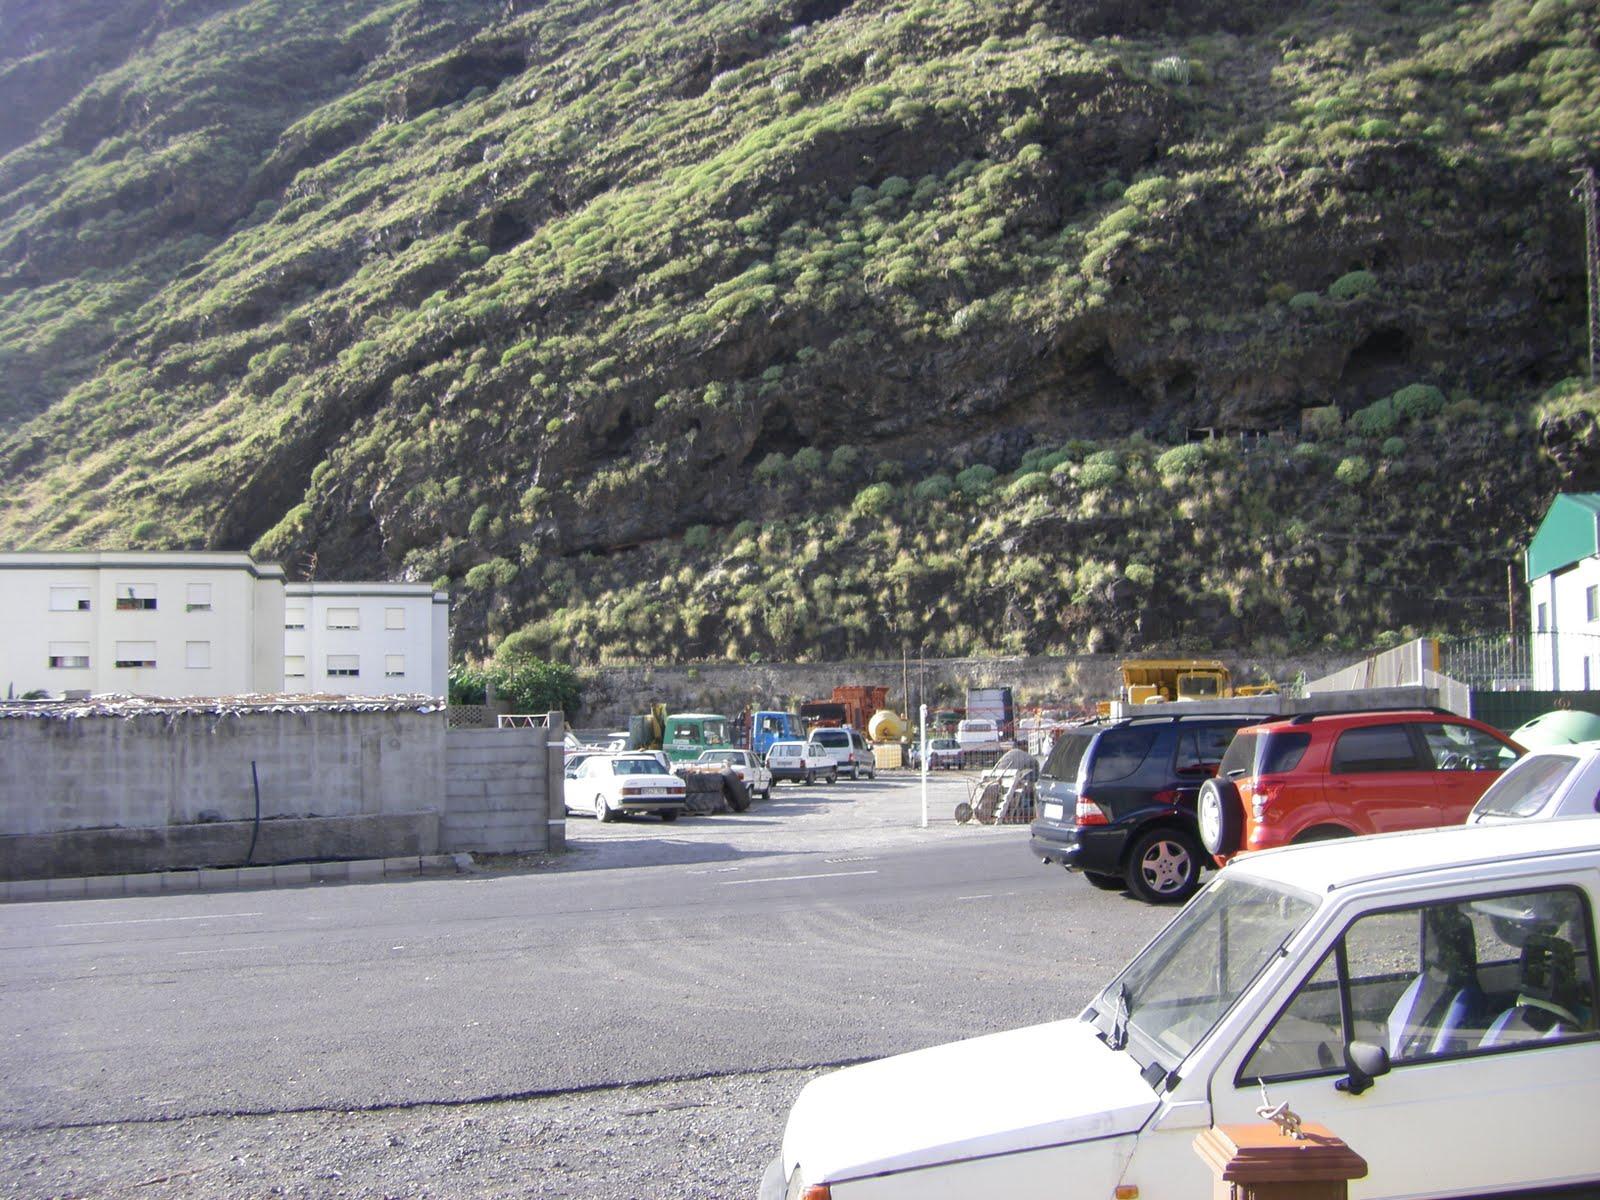 Garaje de vehiculos incontrolado el blog del puerto - Garaje de coches ...